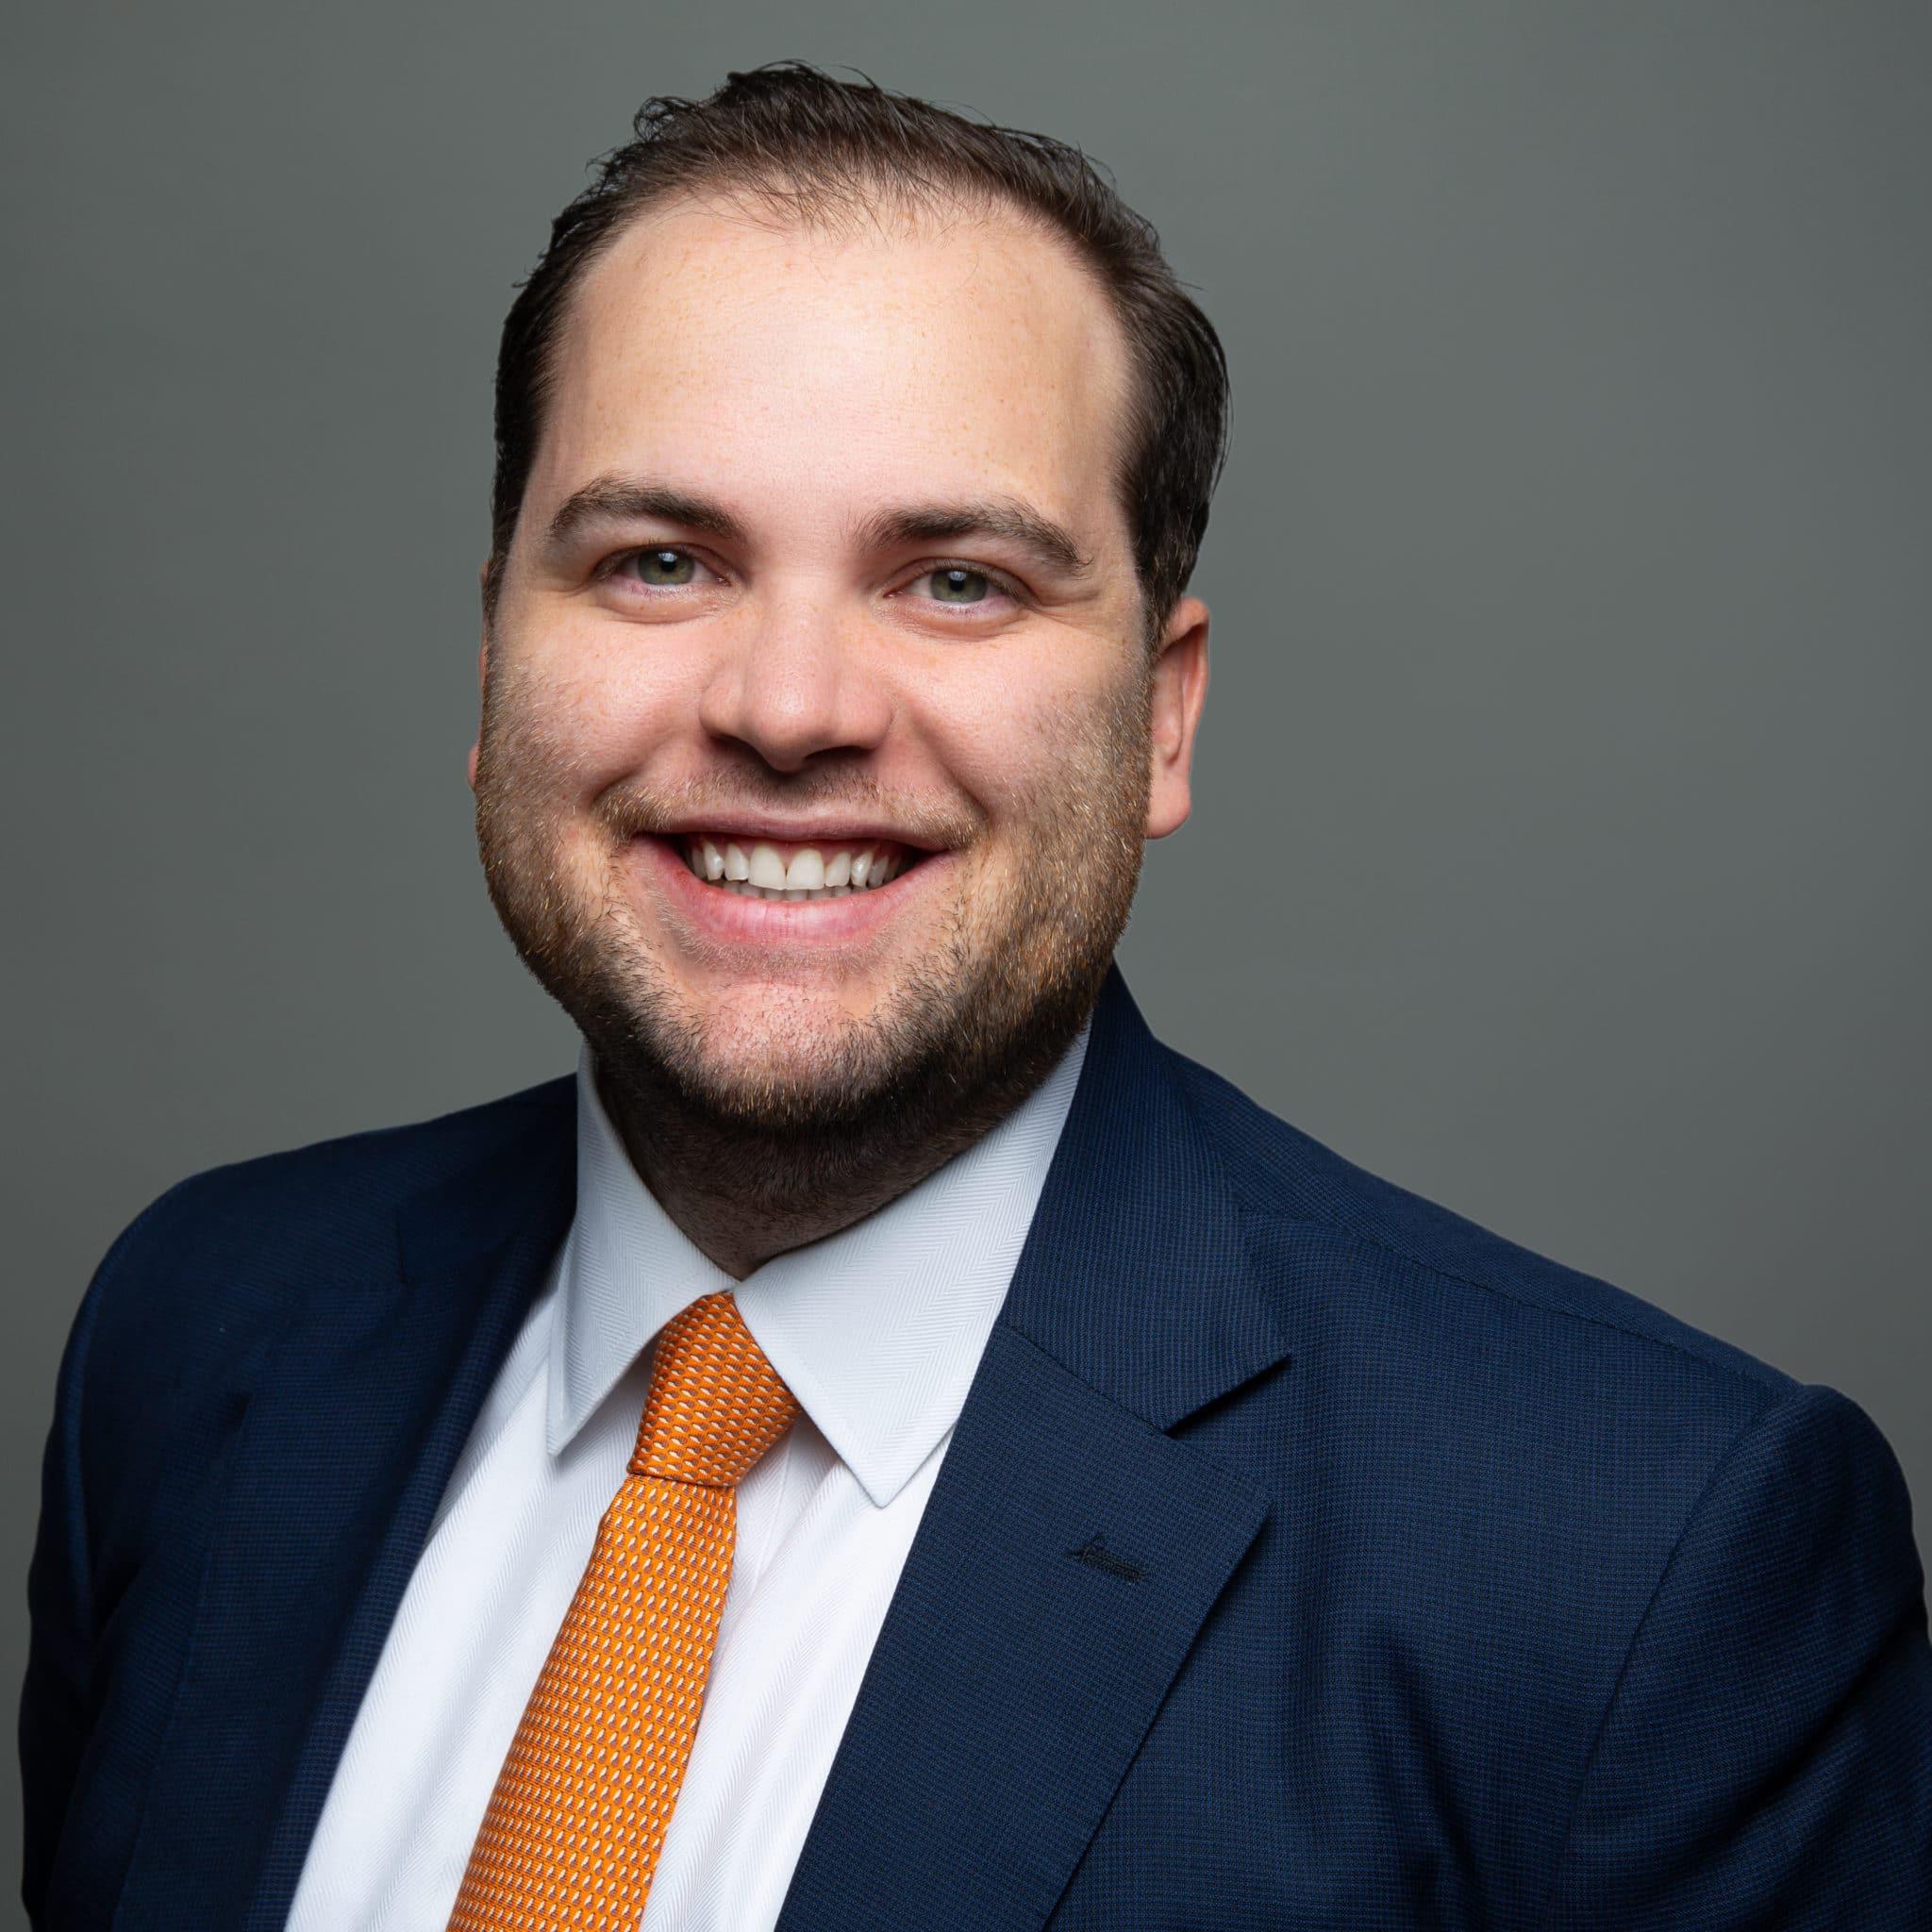 Sebastian Bindel